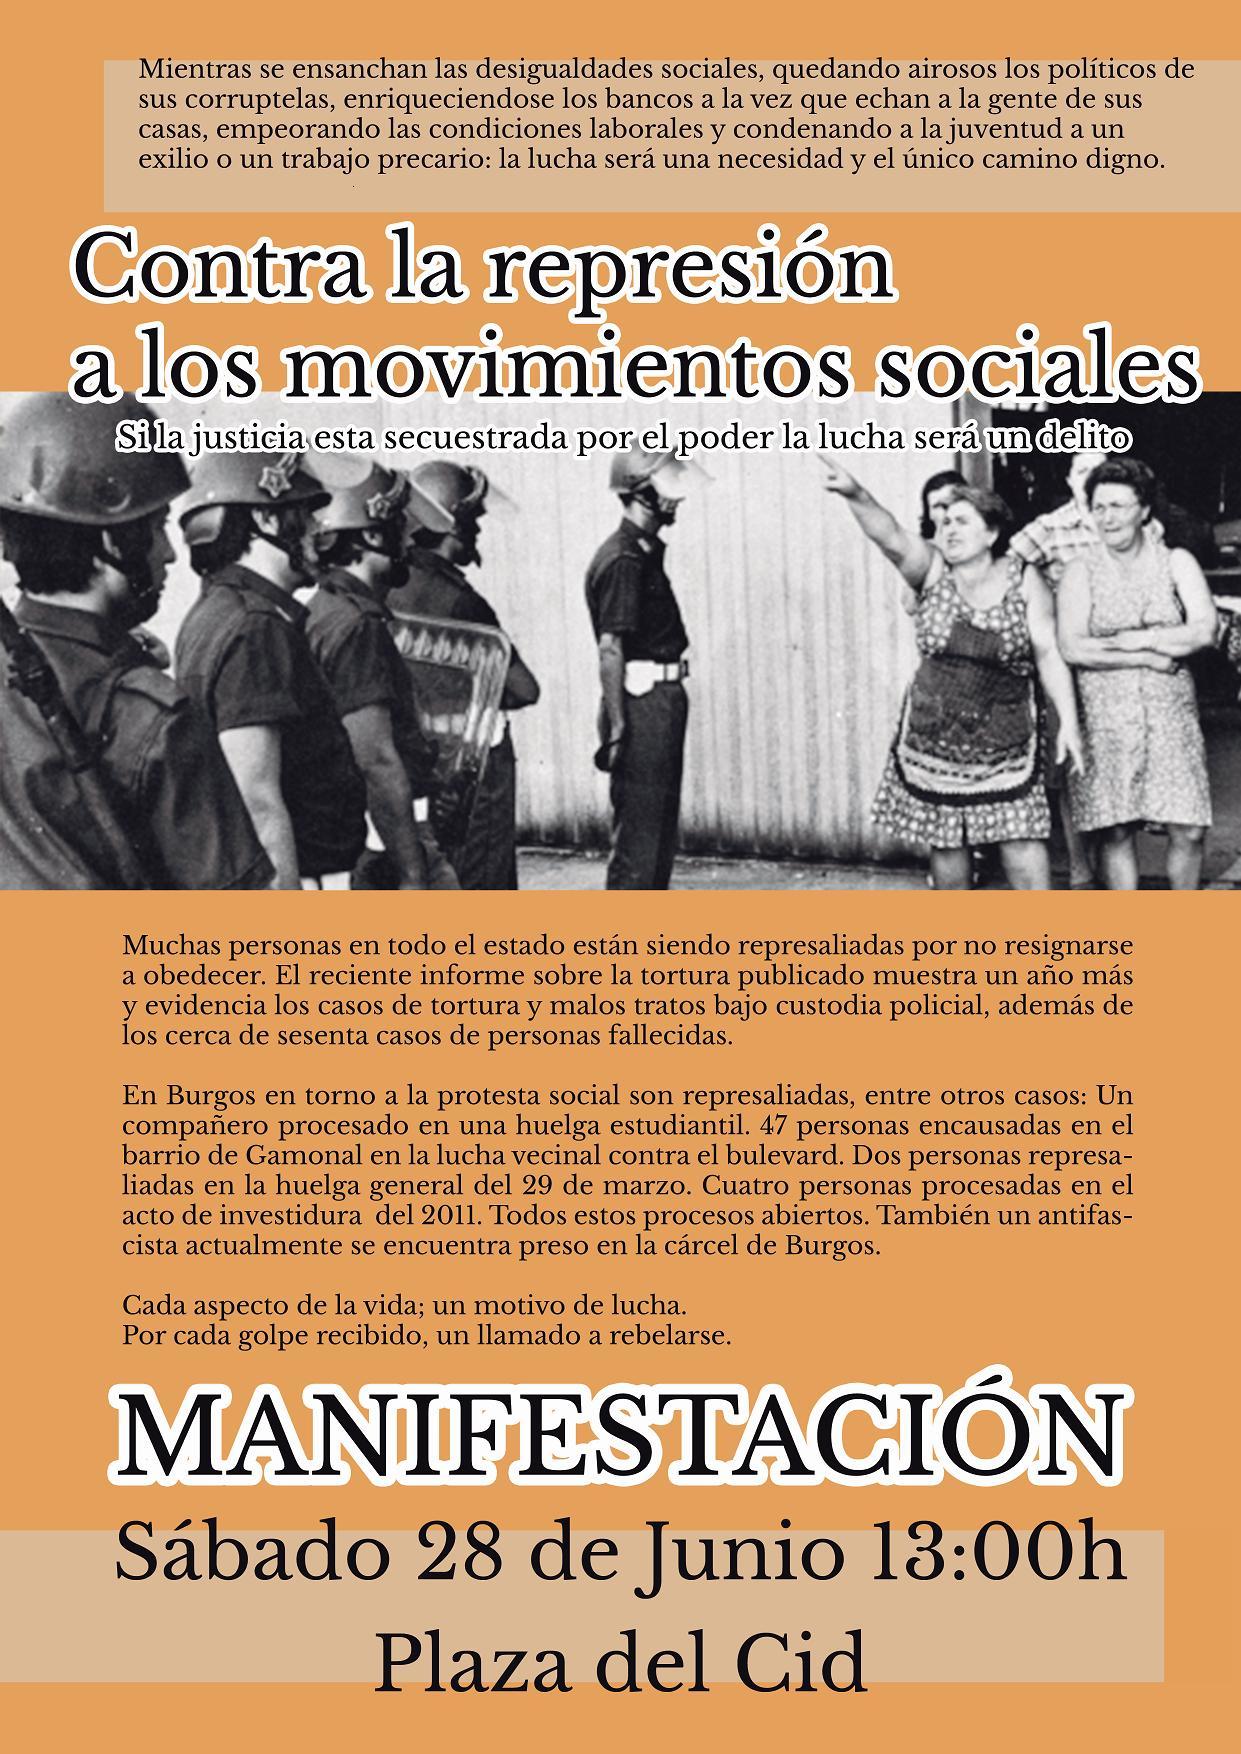 Cartel manifestación represión